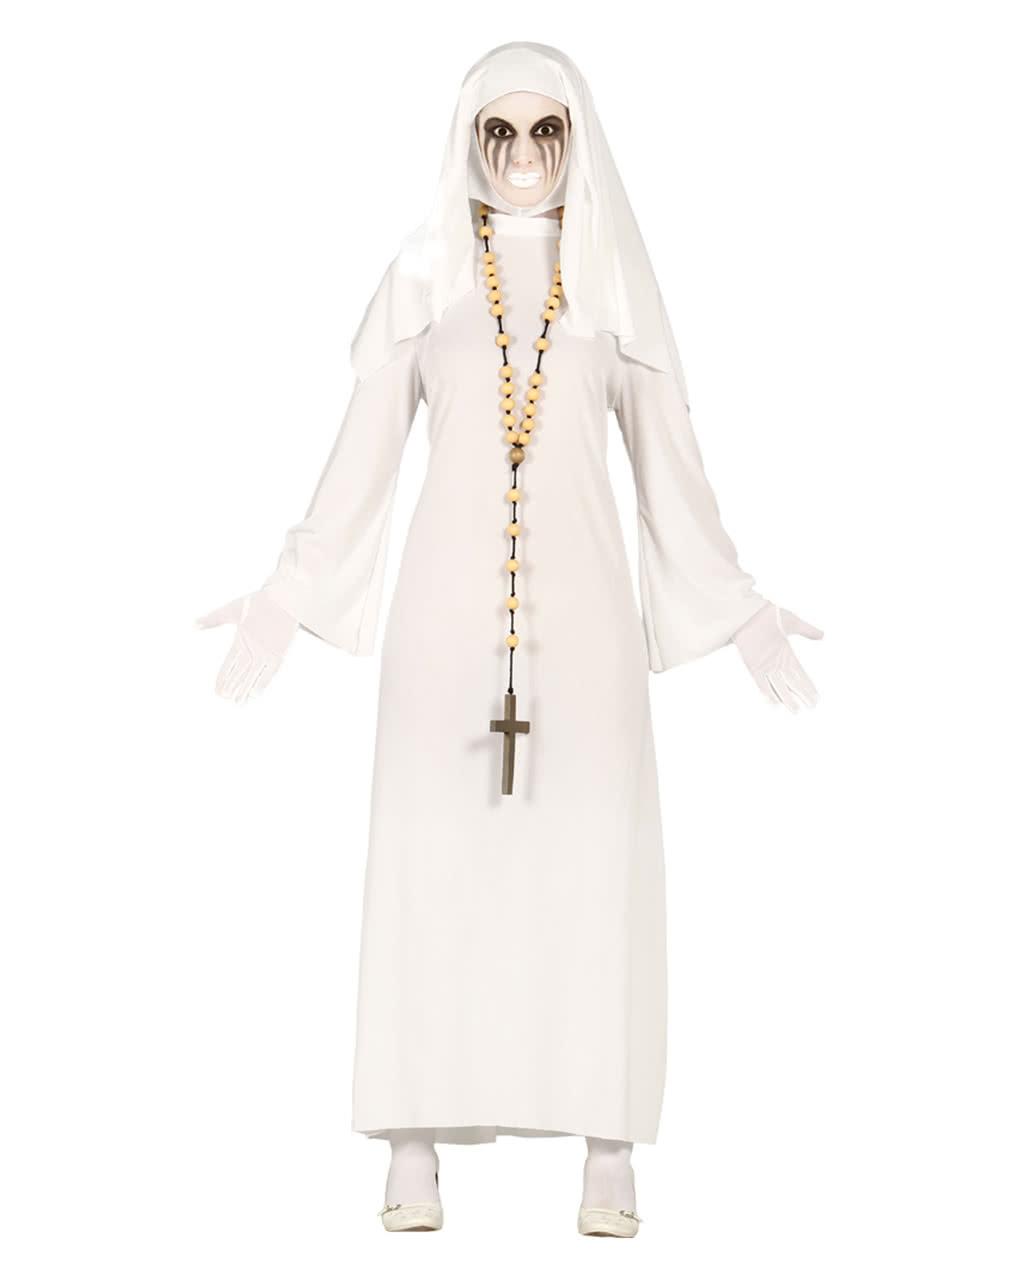 klosterschwester geist kost m nonnen halloween verkleidung karneval universe. Black Bedroom Furniture Sets. Home Design Ideas